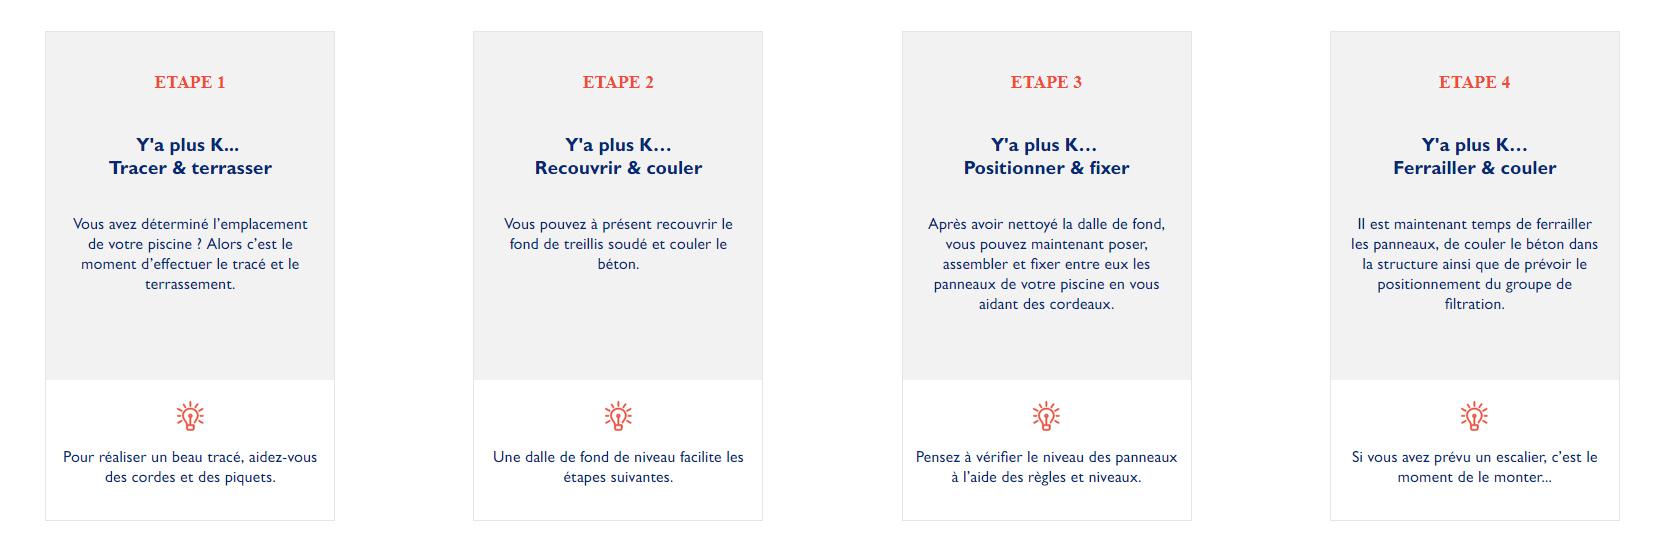 Kity La Nouvelle Piscine | Desjoyaux avec Piscine Desjoyaux Prix 2017